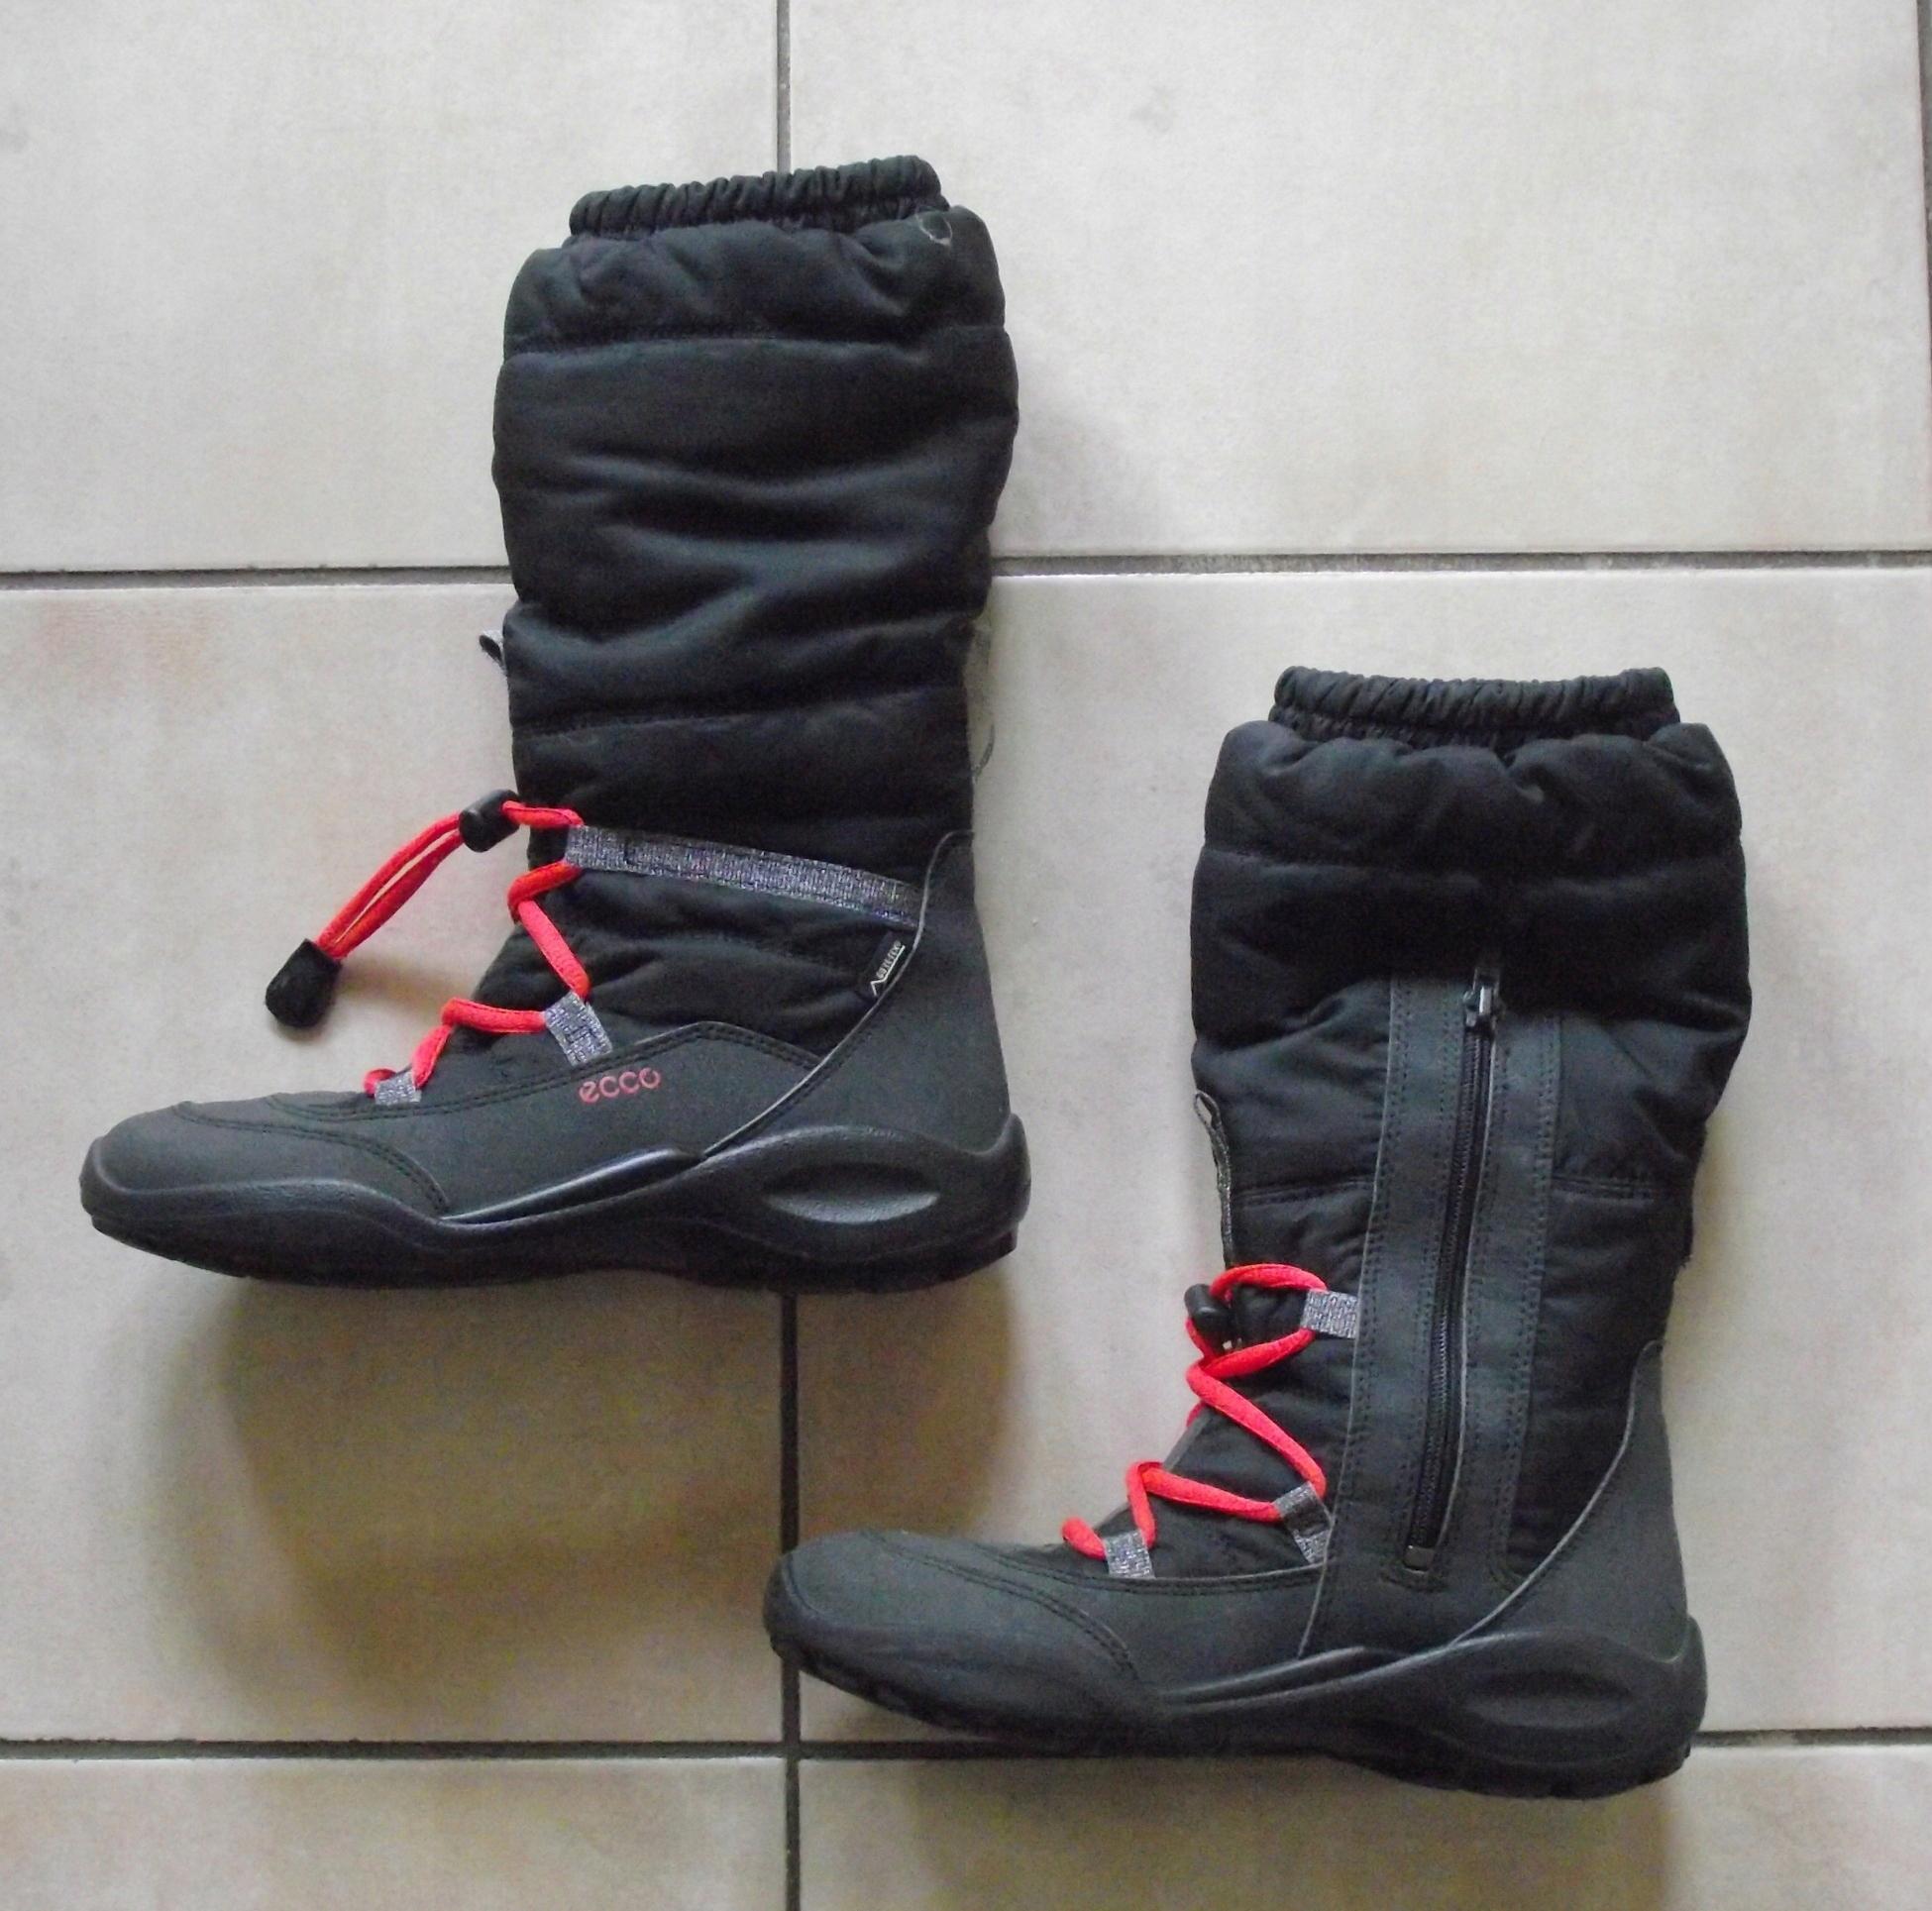 d71d8922d44c38 Śniegowce Ecco Gore-tex 34    praktycznie nowe    - 7594787866 ...